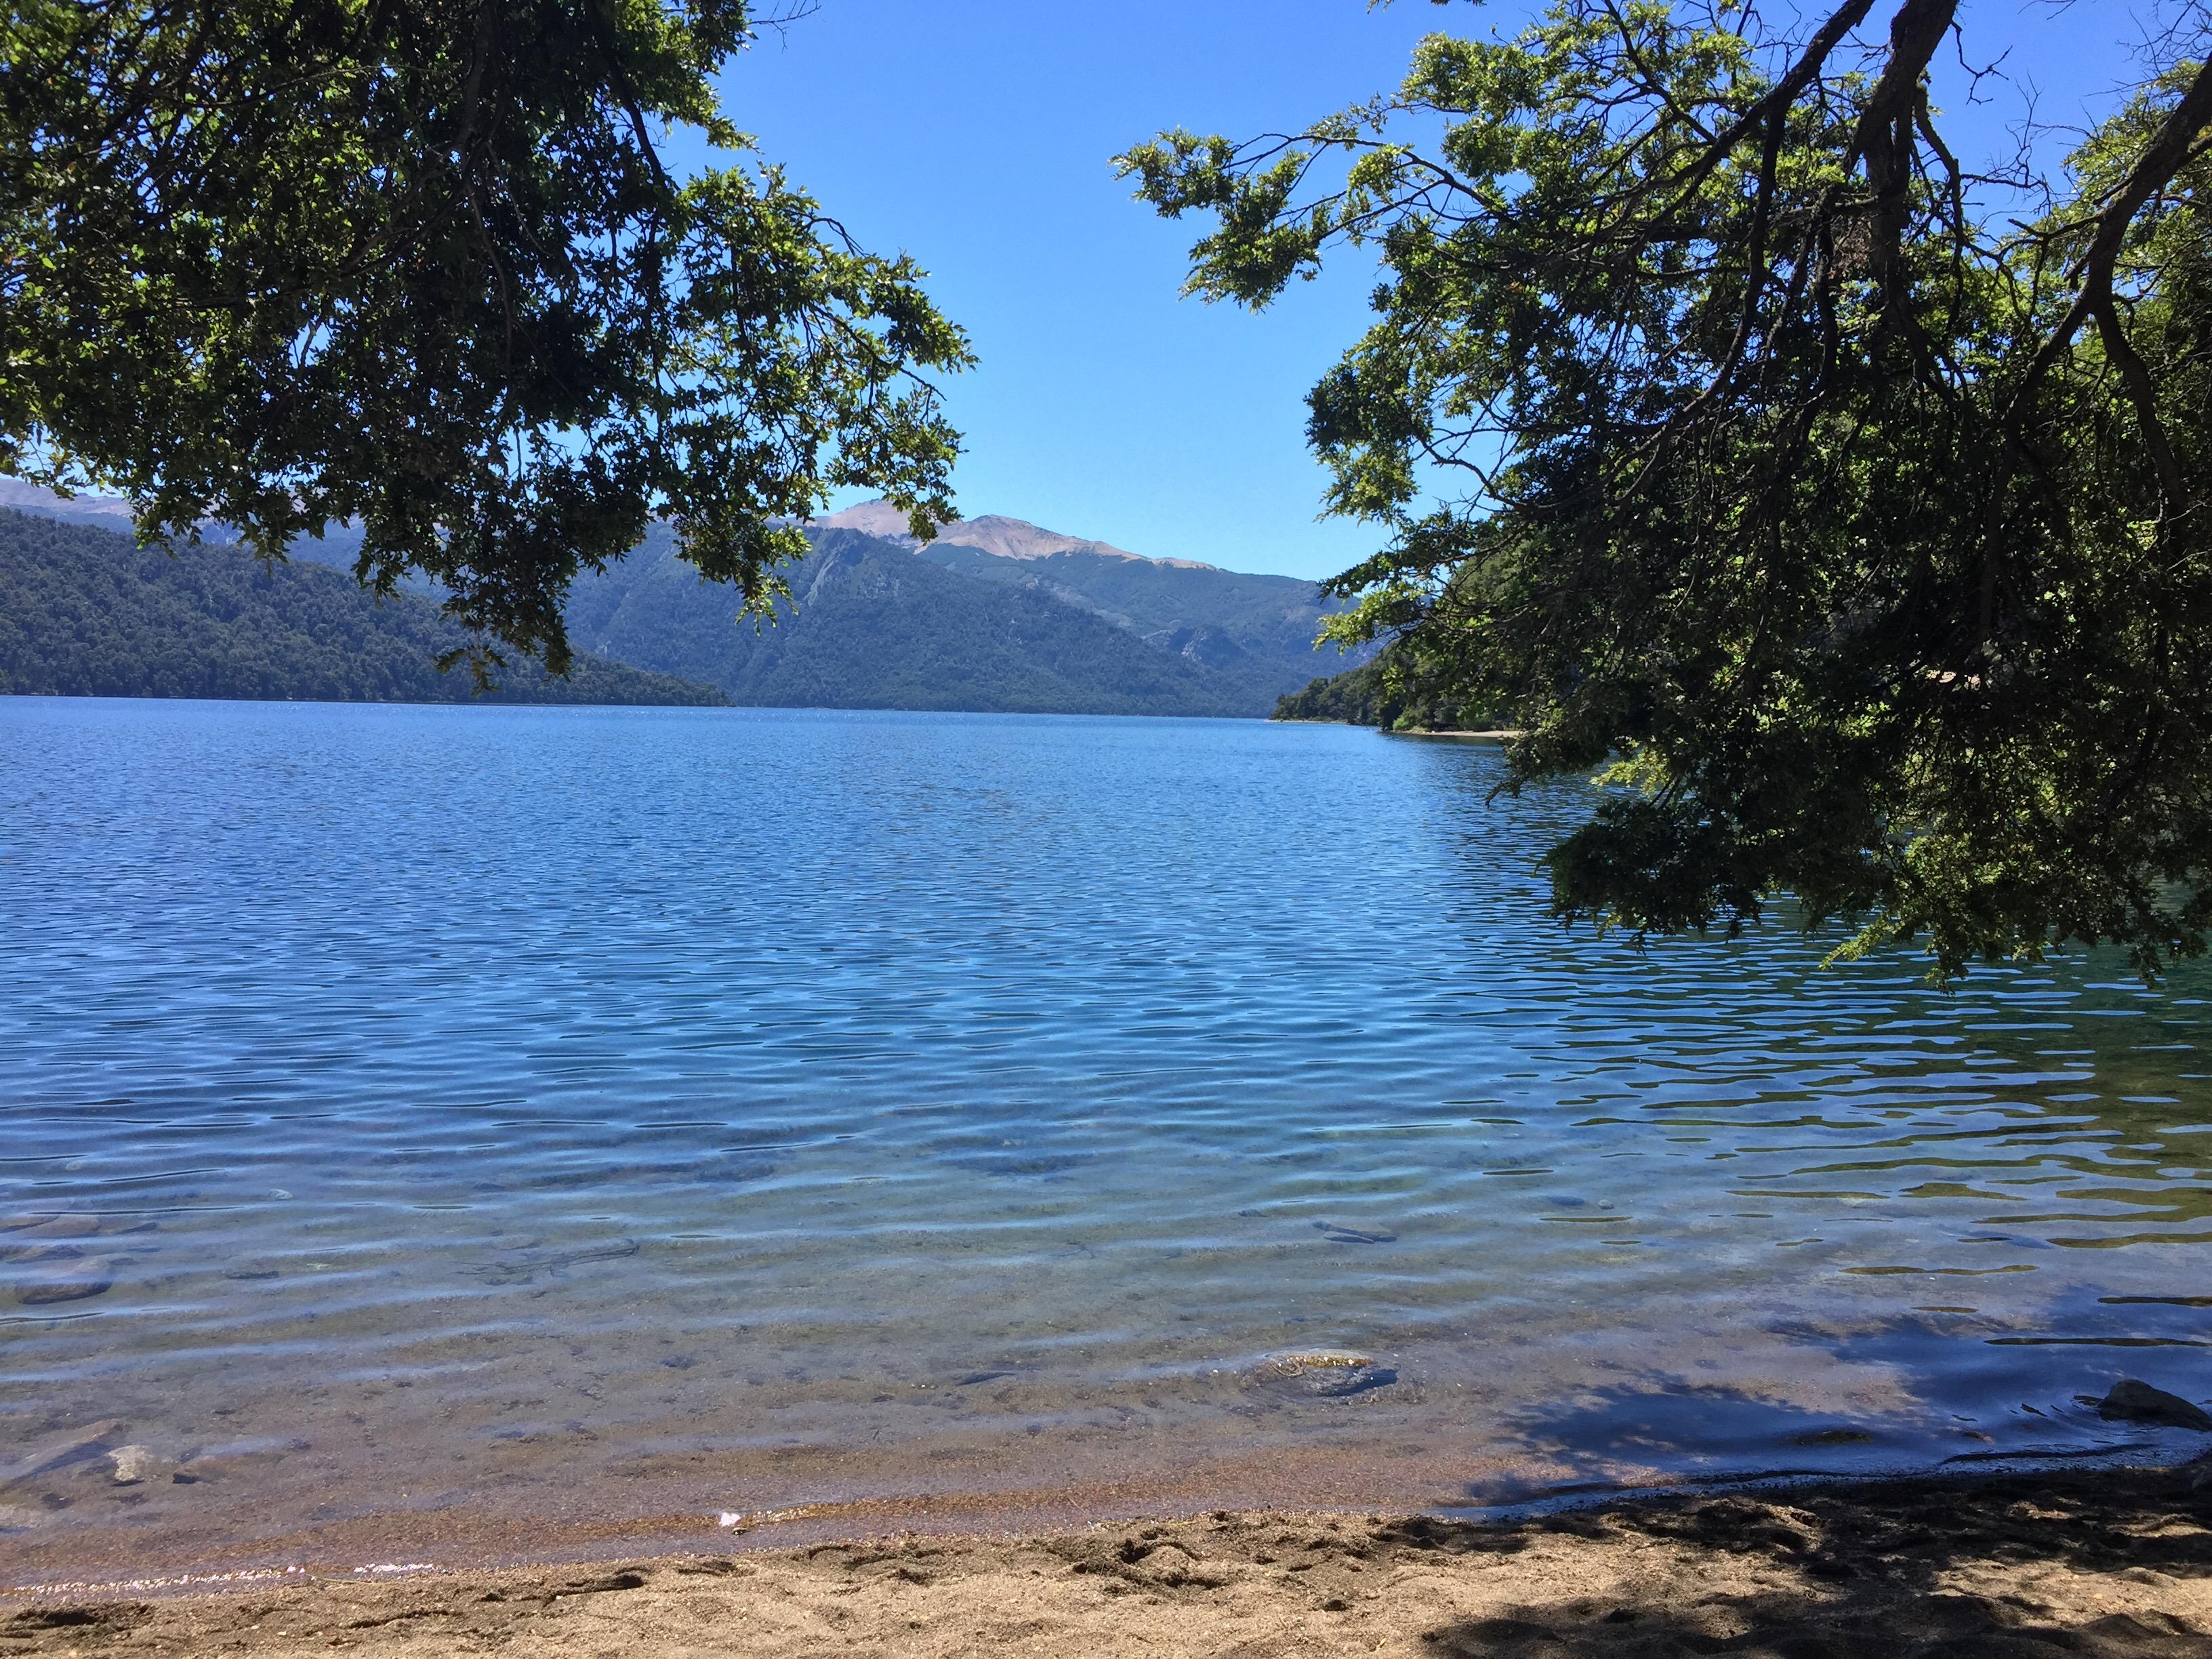 Ausblick auf den Lago Traful